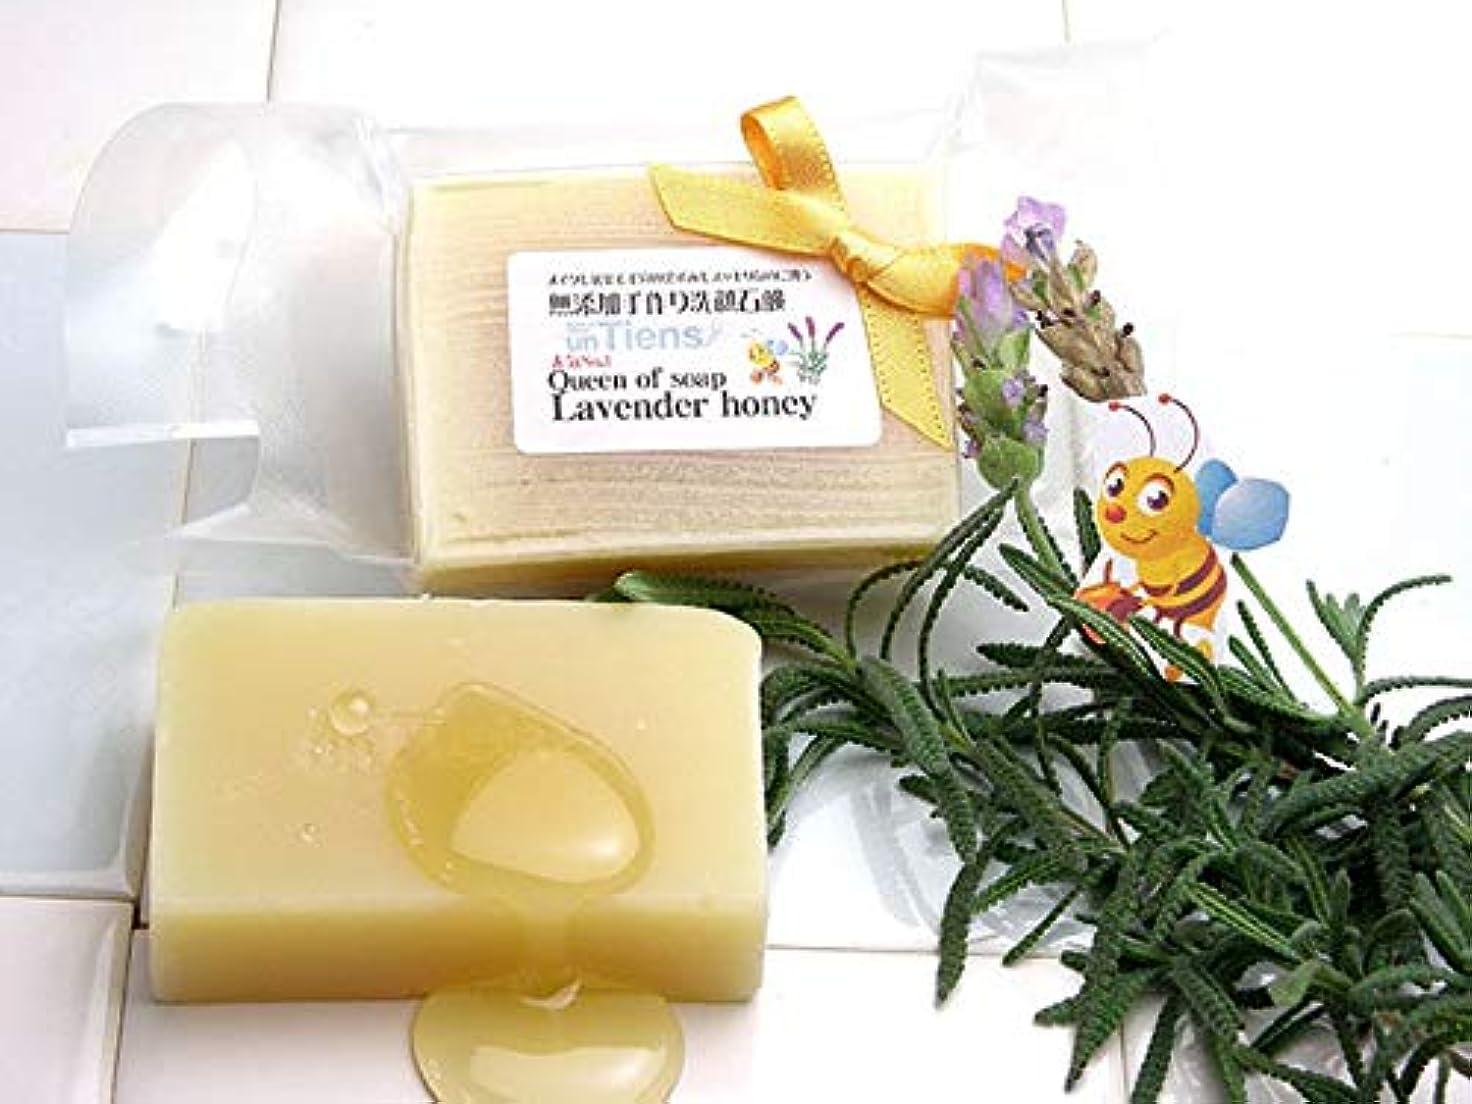 非公式じゃない摘む手作り石鹸アンティアン クイーンオブソープ 「ラベンダーハニー」 もっとお得な5個セット 200g